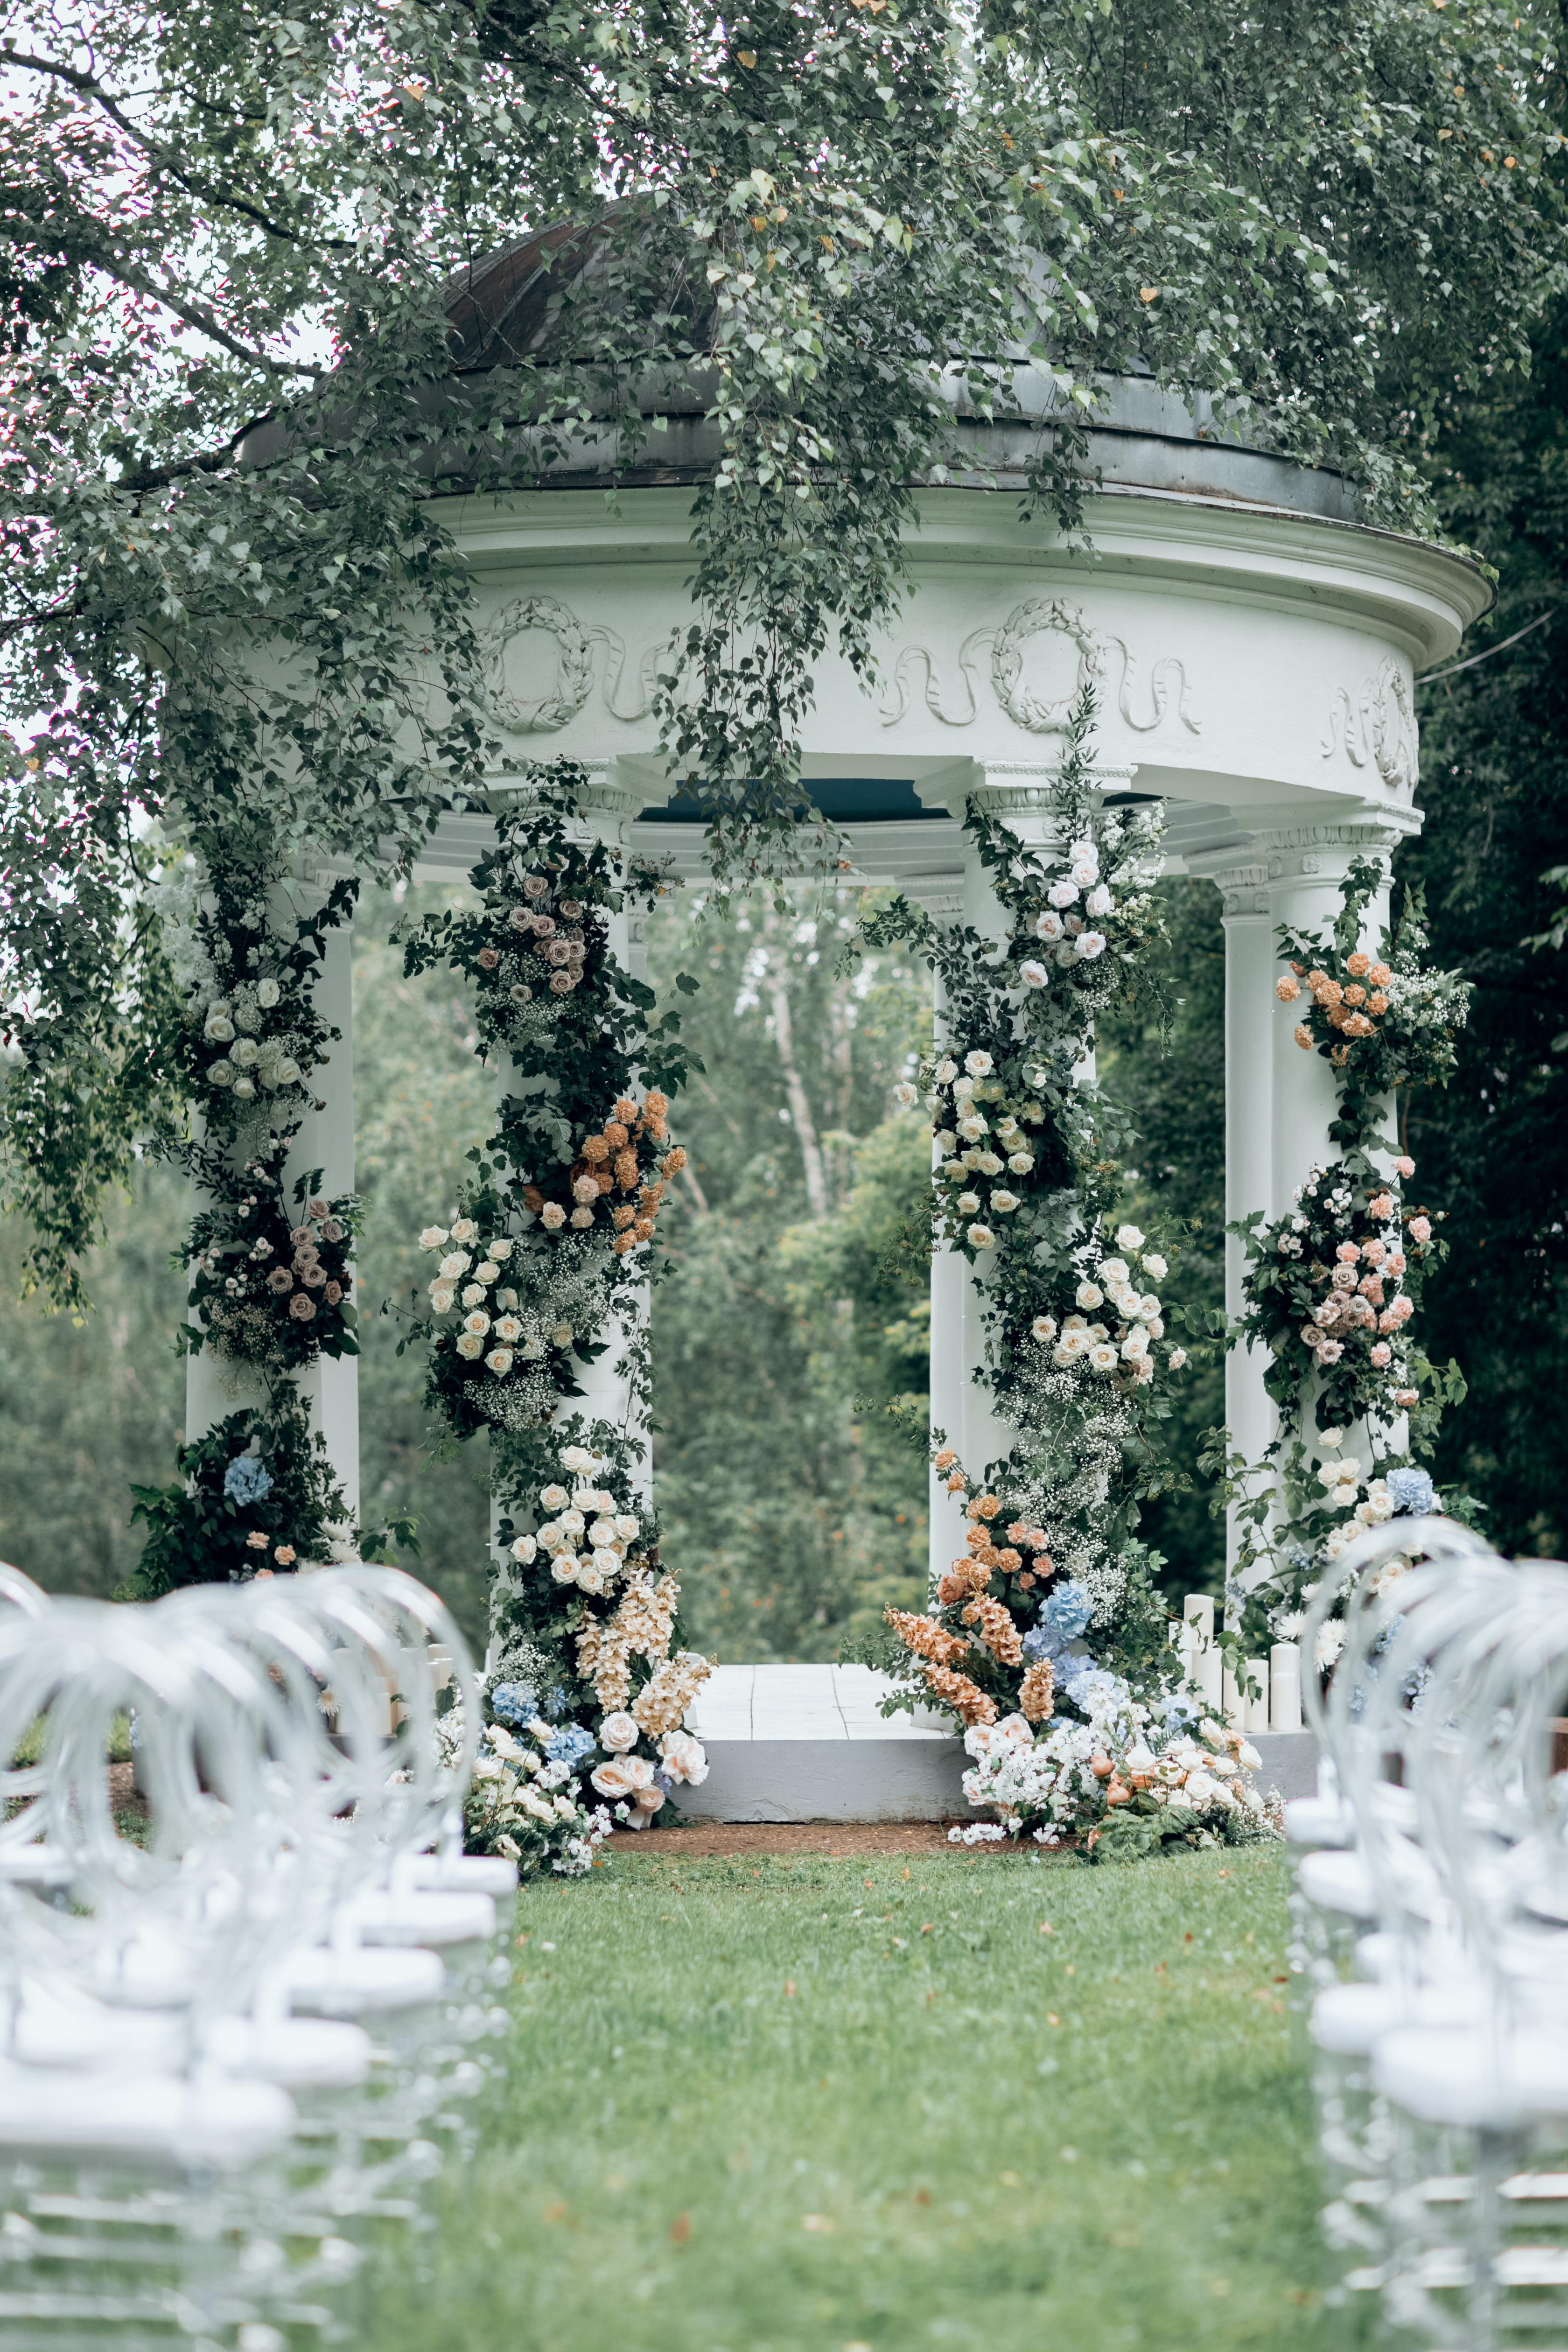 Оформление ротонды. Свадьба в Морозове. Свадьба в усадьбе. Свадьба в Остафьево. Свадебный декор Моск